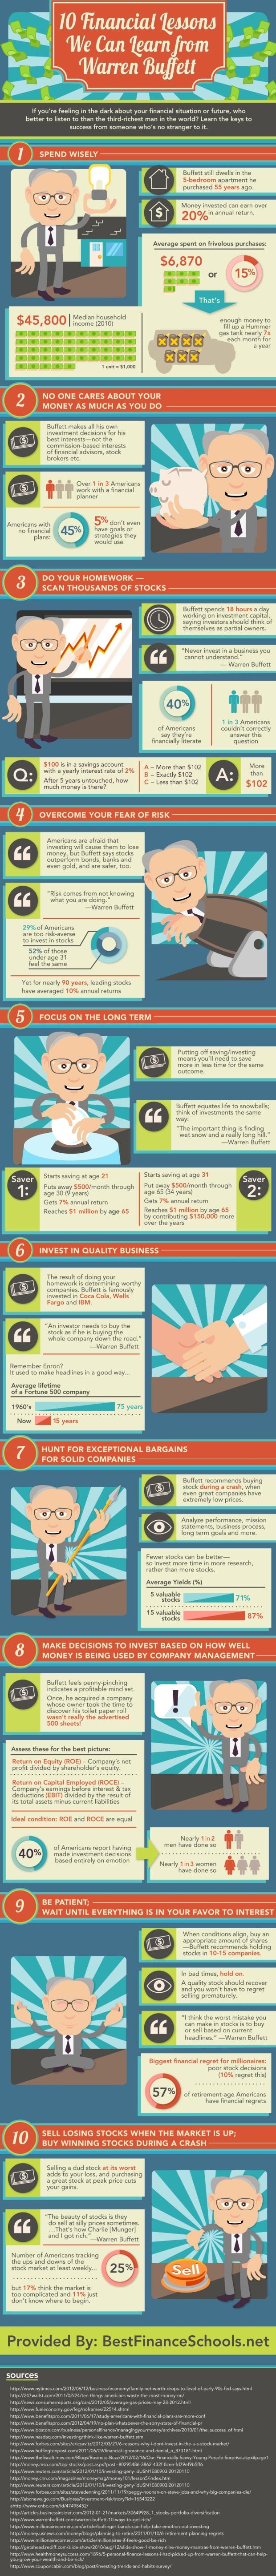 Financial Lessons from Warren Buffet